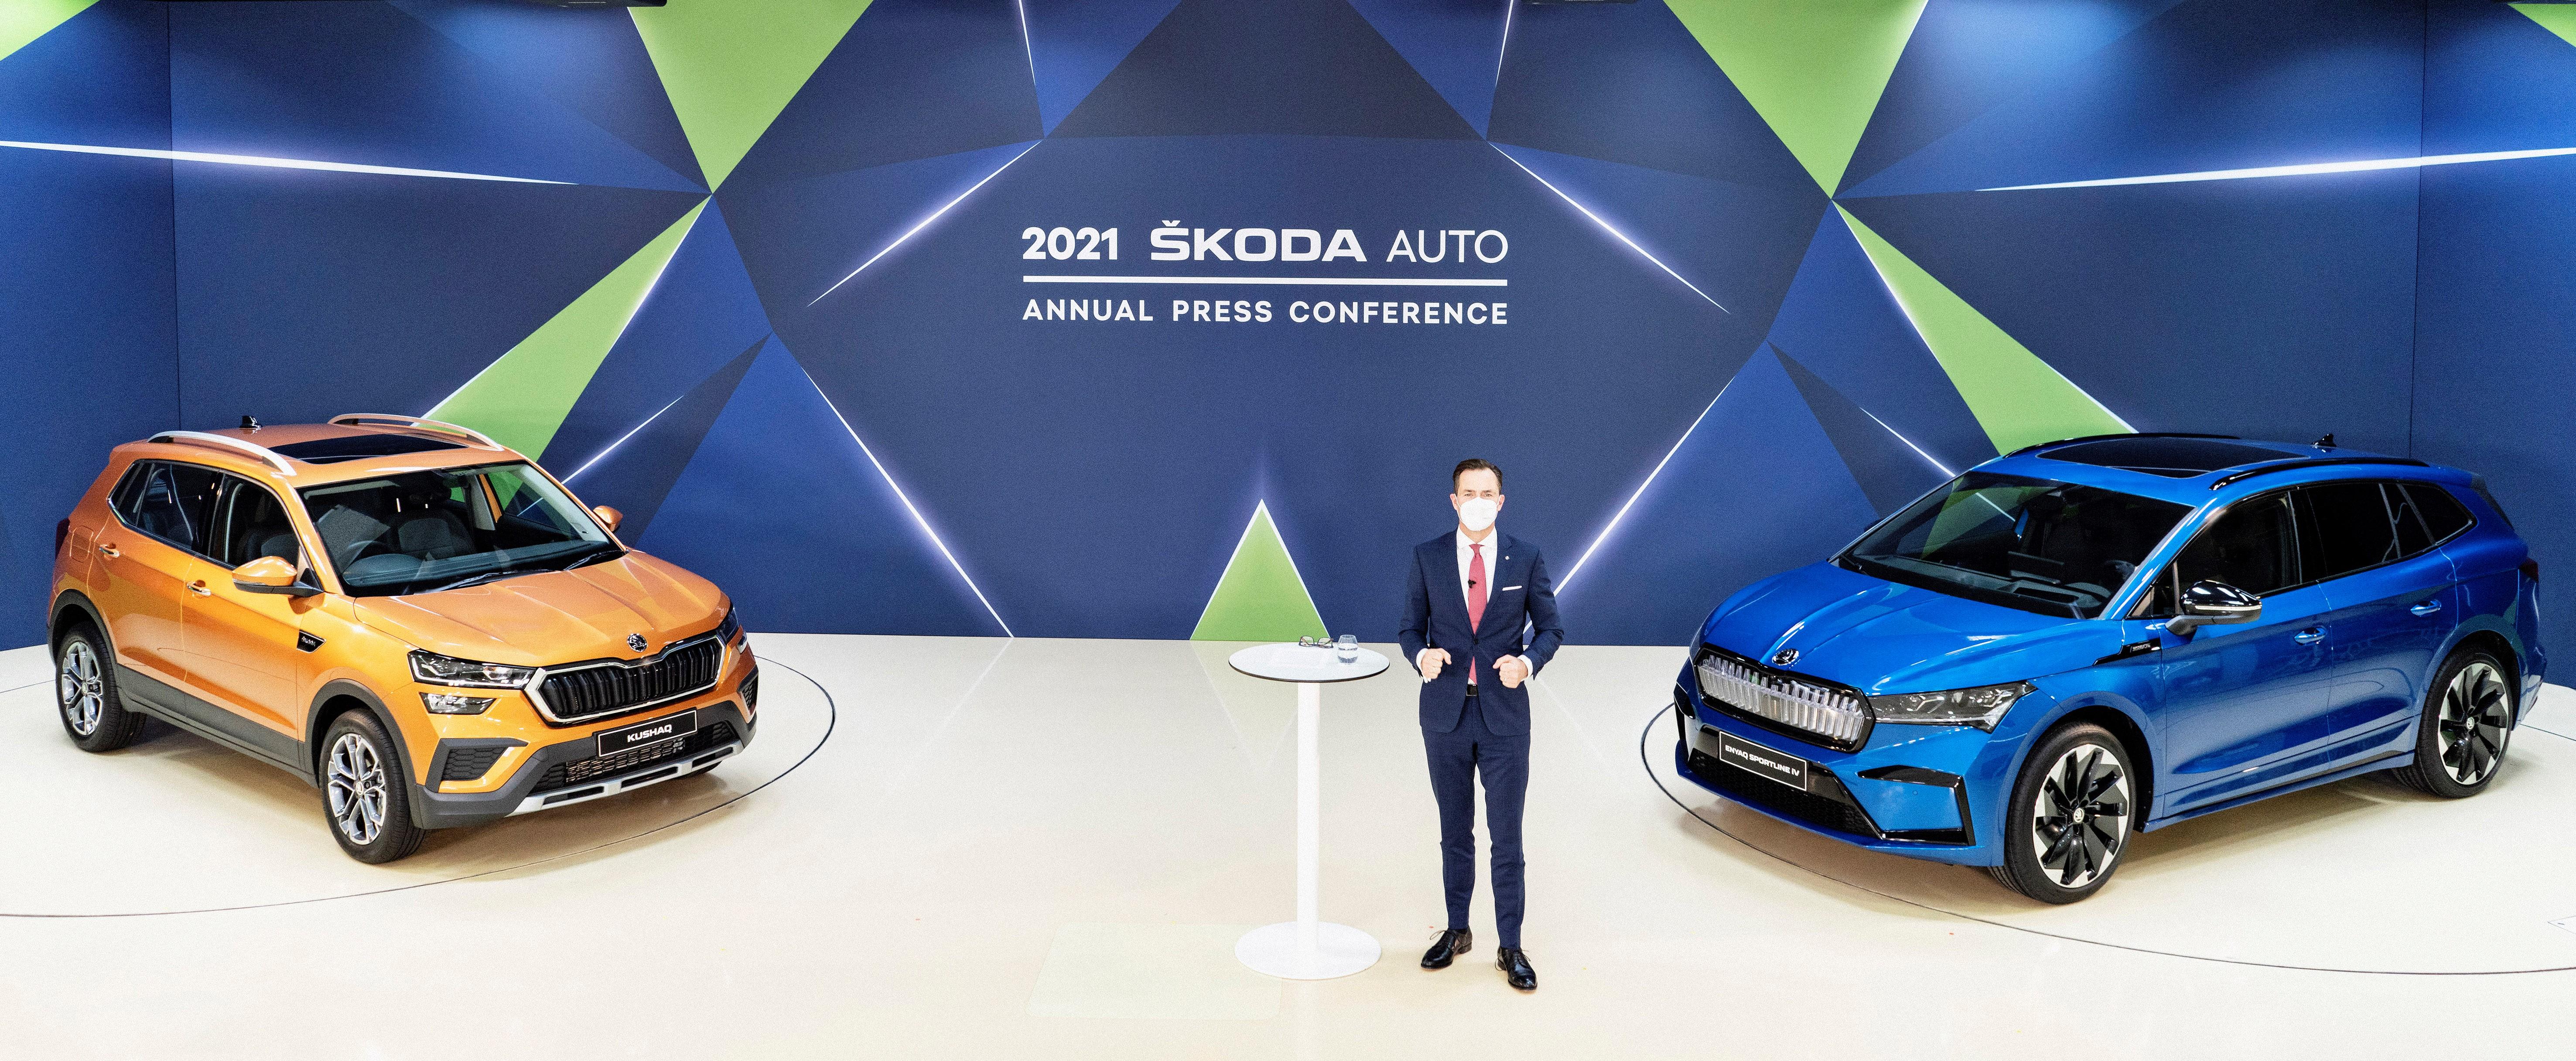 ŠKODA AUTO Annual Press Conference 2021